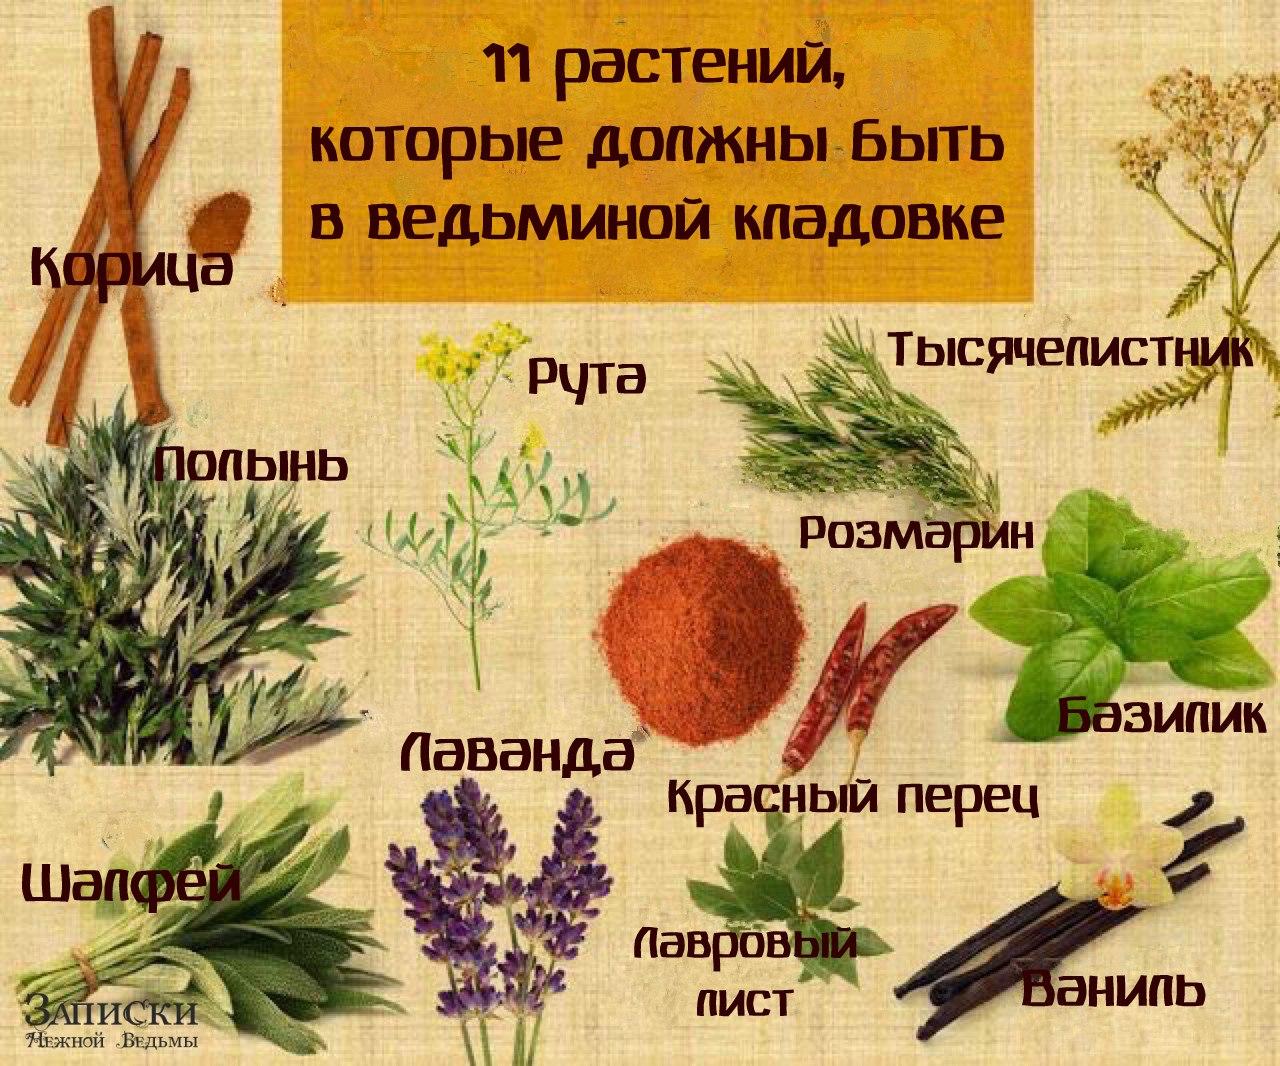 11 растений, которые должны быть в ведьминой кладовке